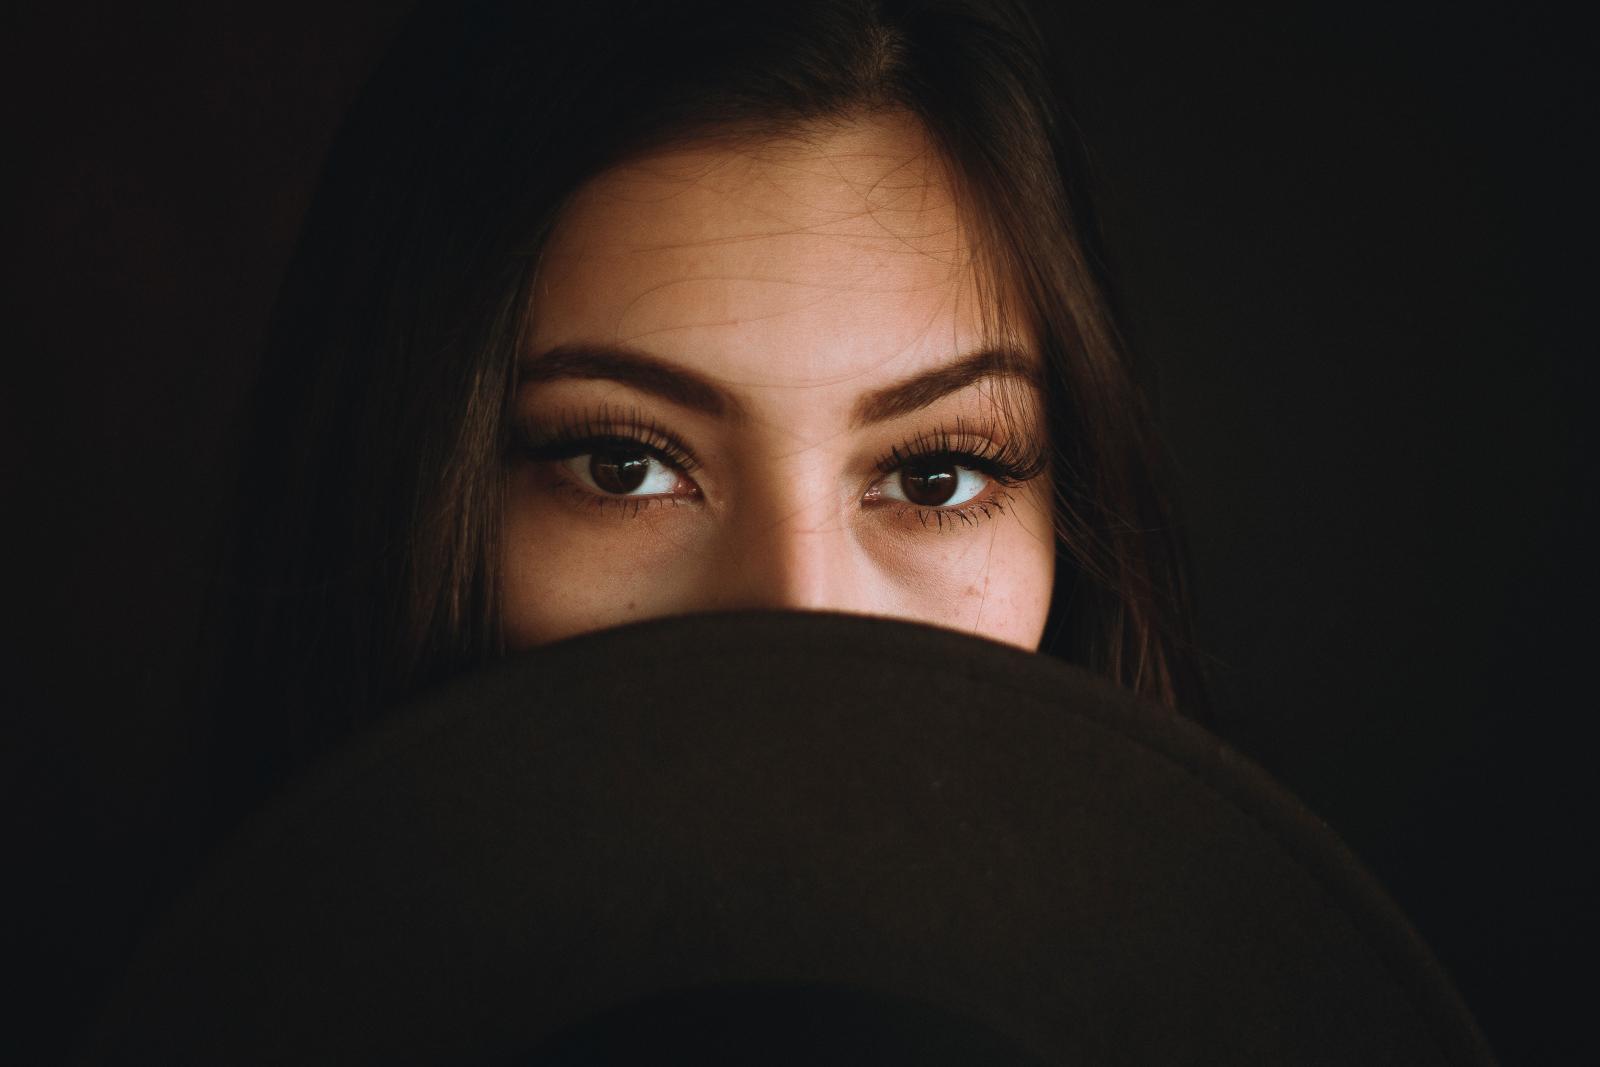 Ako nas je obuzela tuga, ima situacija koje nas ipak mogu uveseliti, za razliku od depresije u kojoj nikada nema osjećaja radosti.